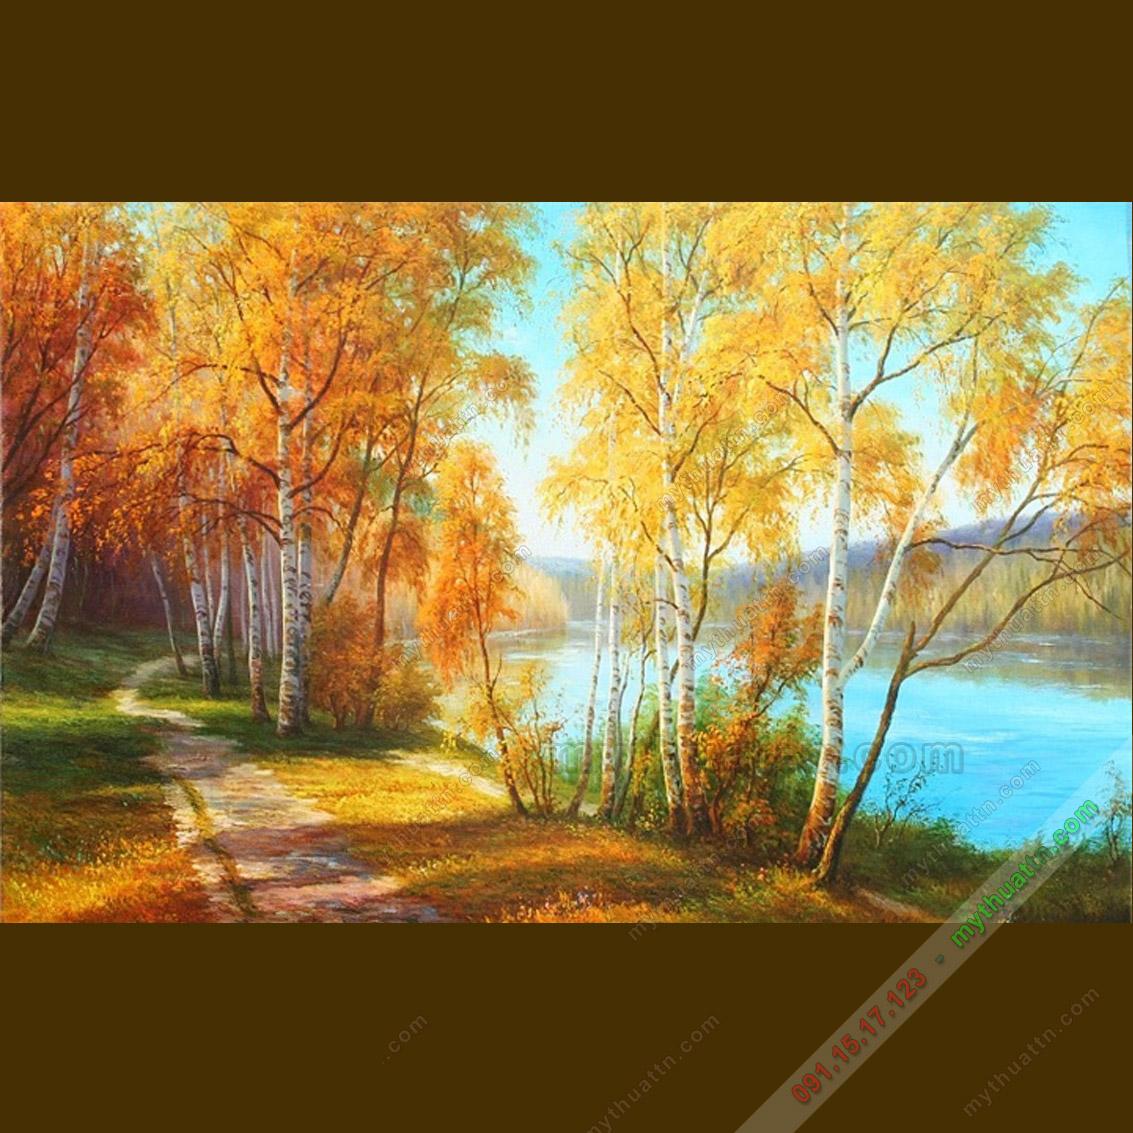 Tranh sơn dầu phong cảnh mùa thu